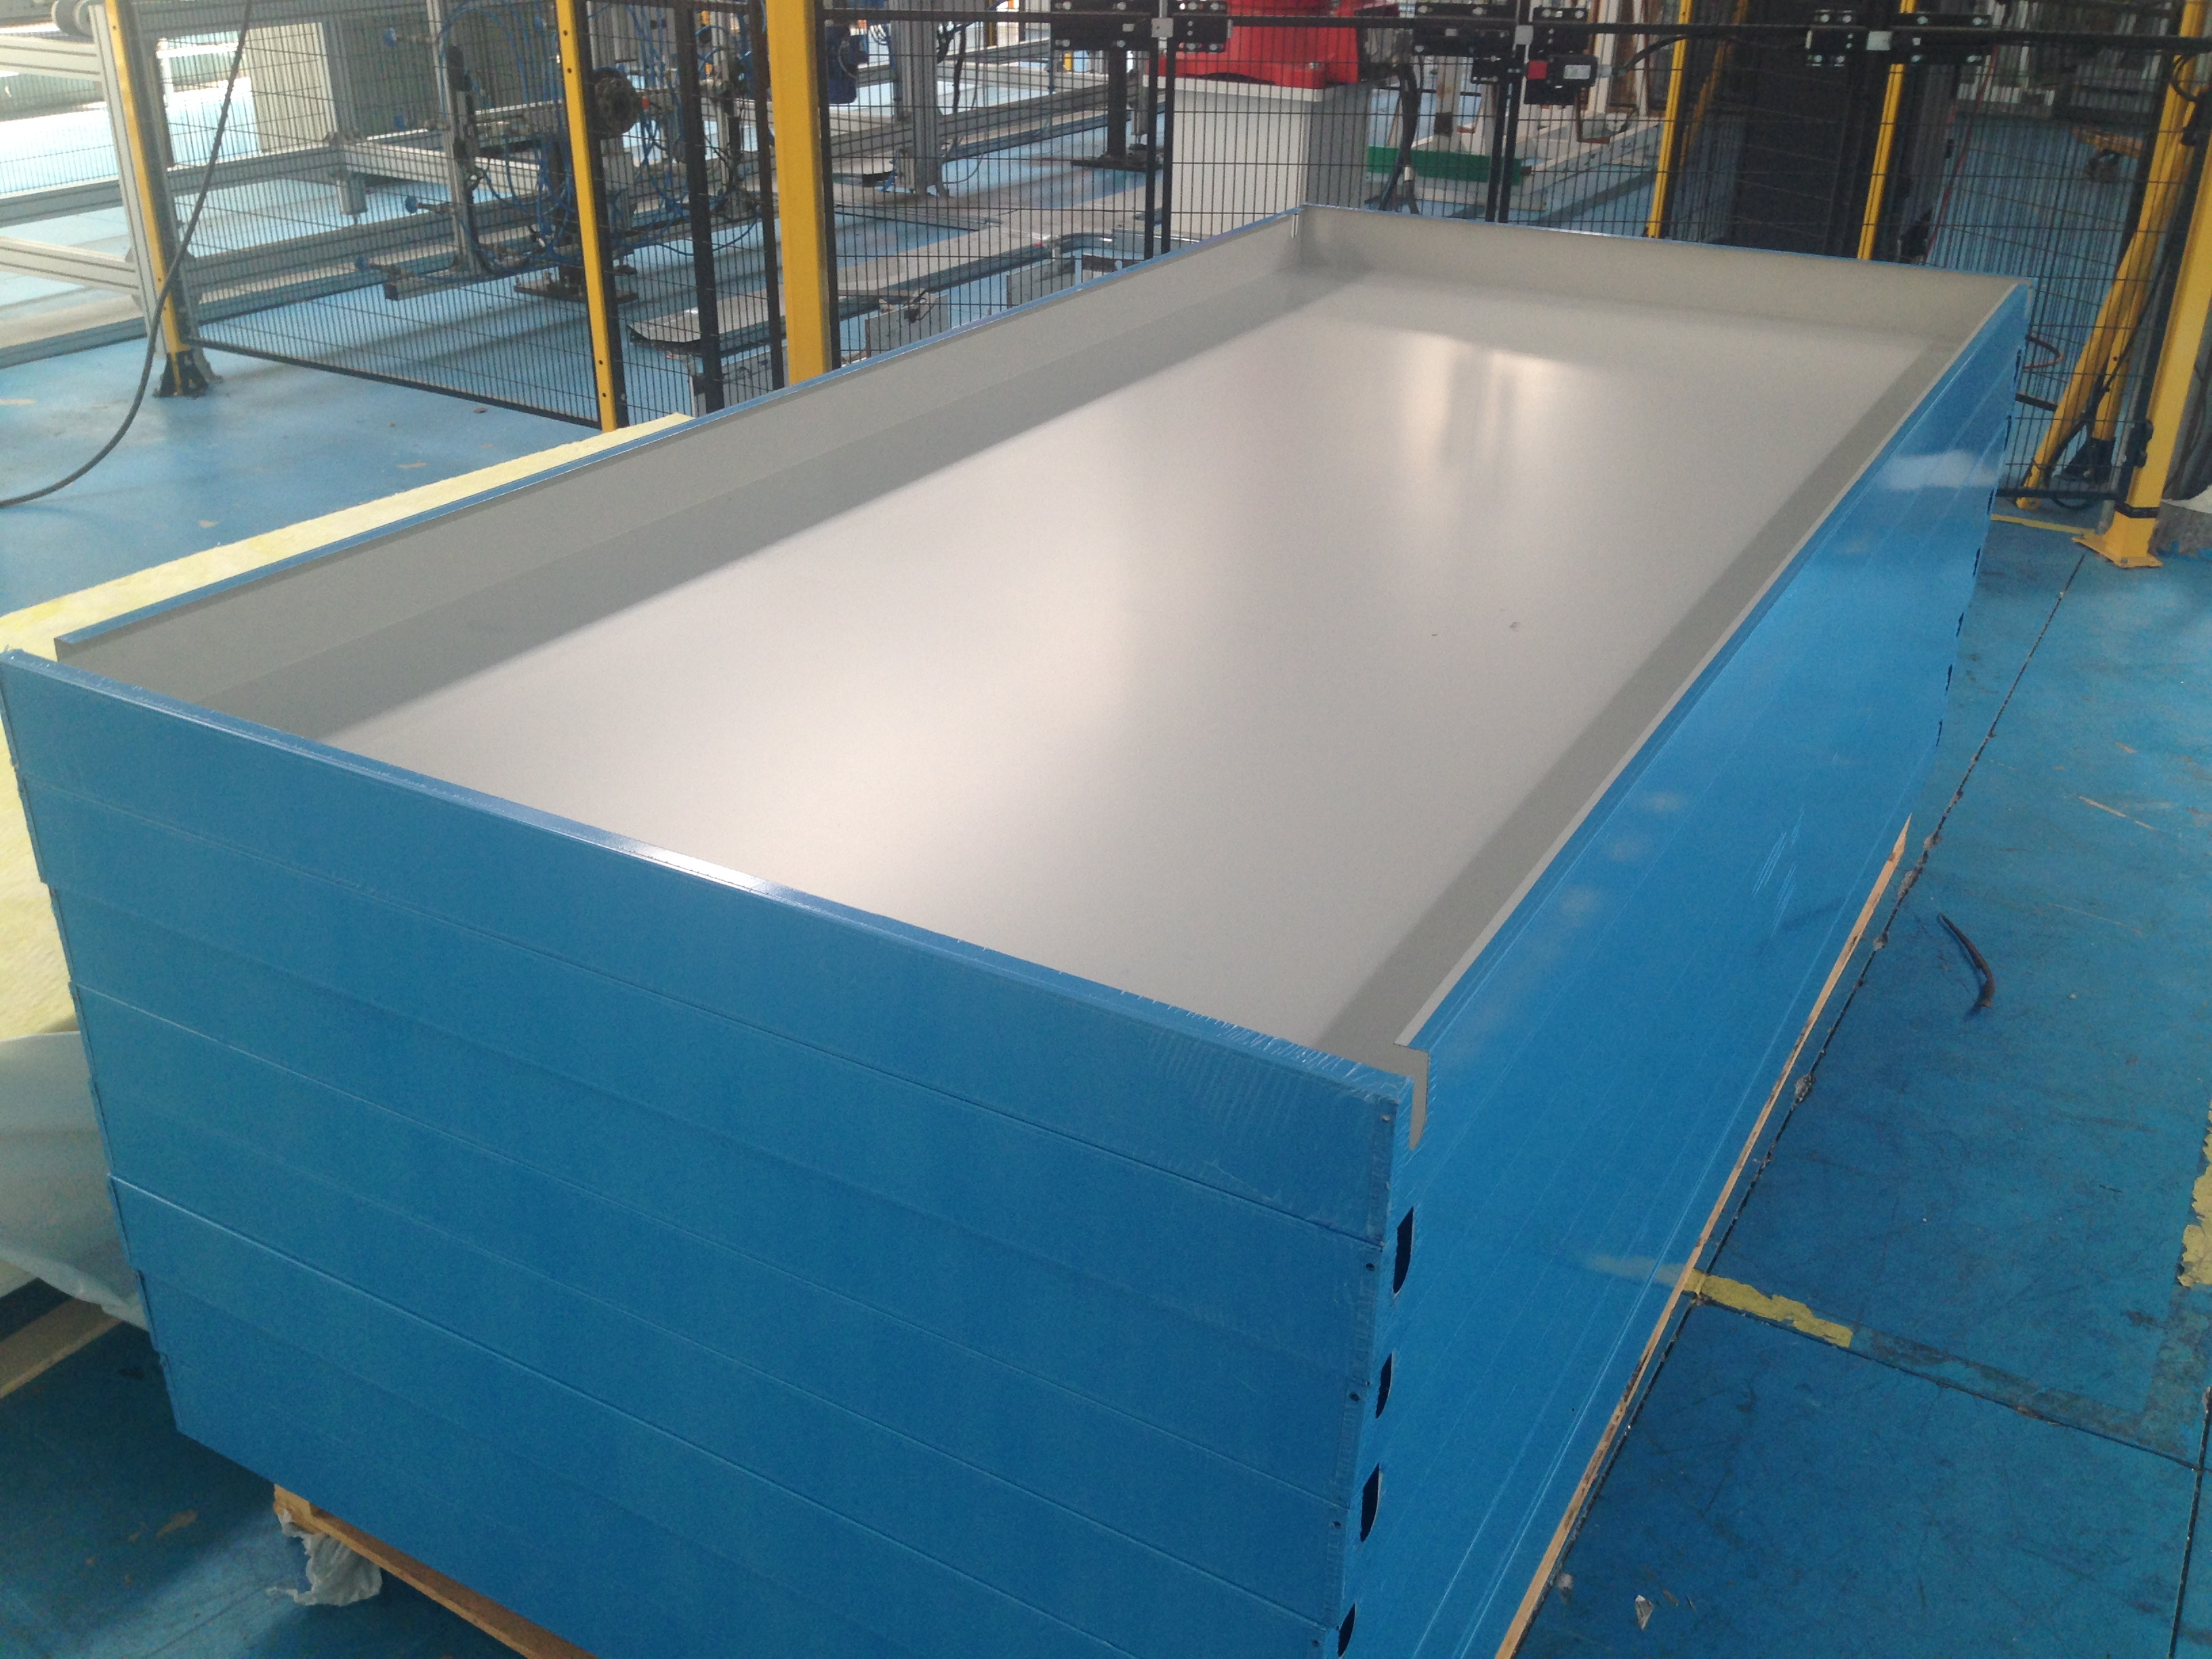 pannelli-solari-di-qualità-struttura